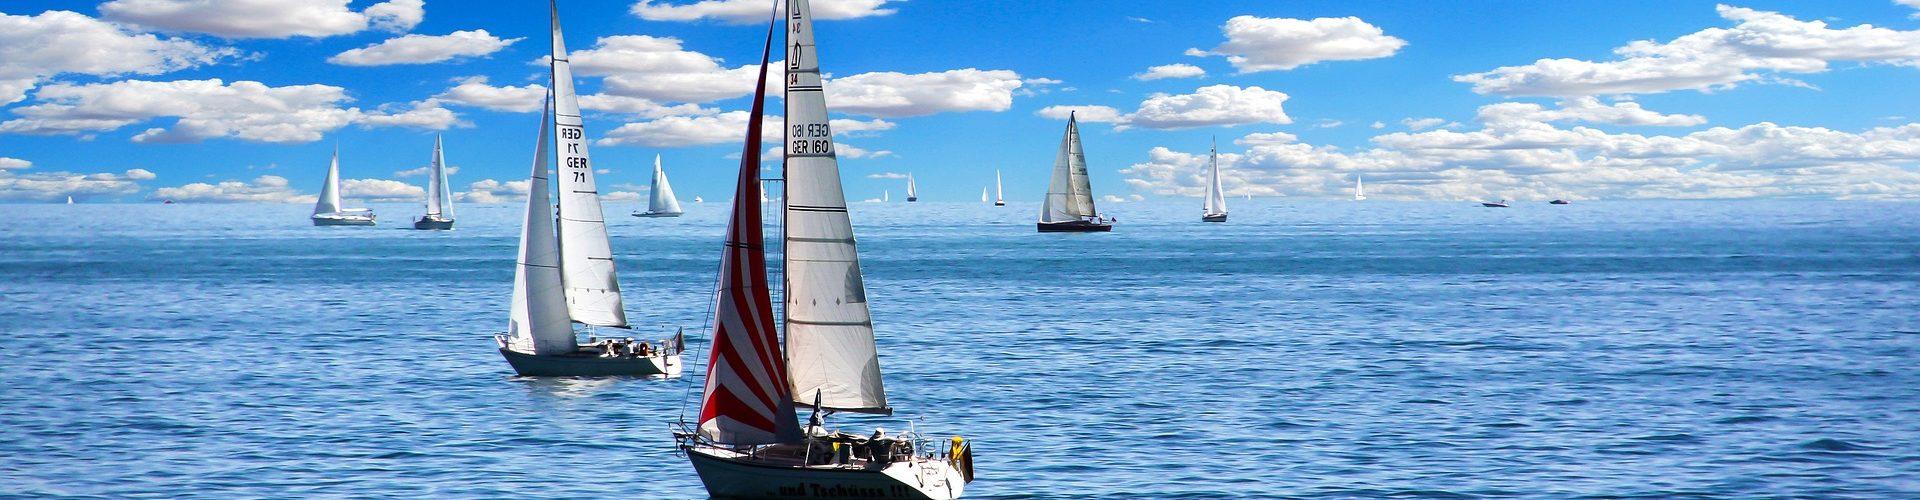 segeln lernen in Bad Doberan segelschein machen in Bad Doberan 1920x500 - Segeln lernen in Bad Doberan